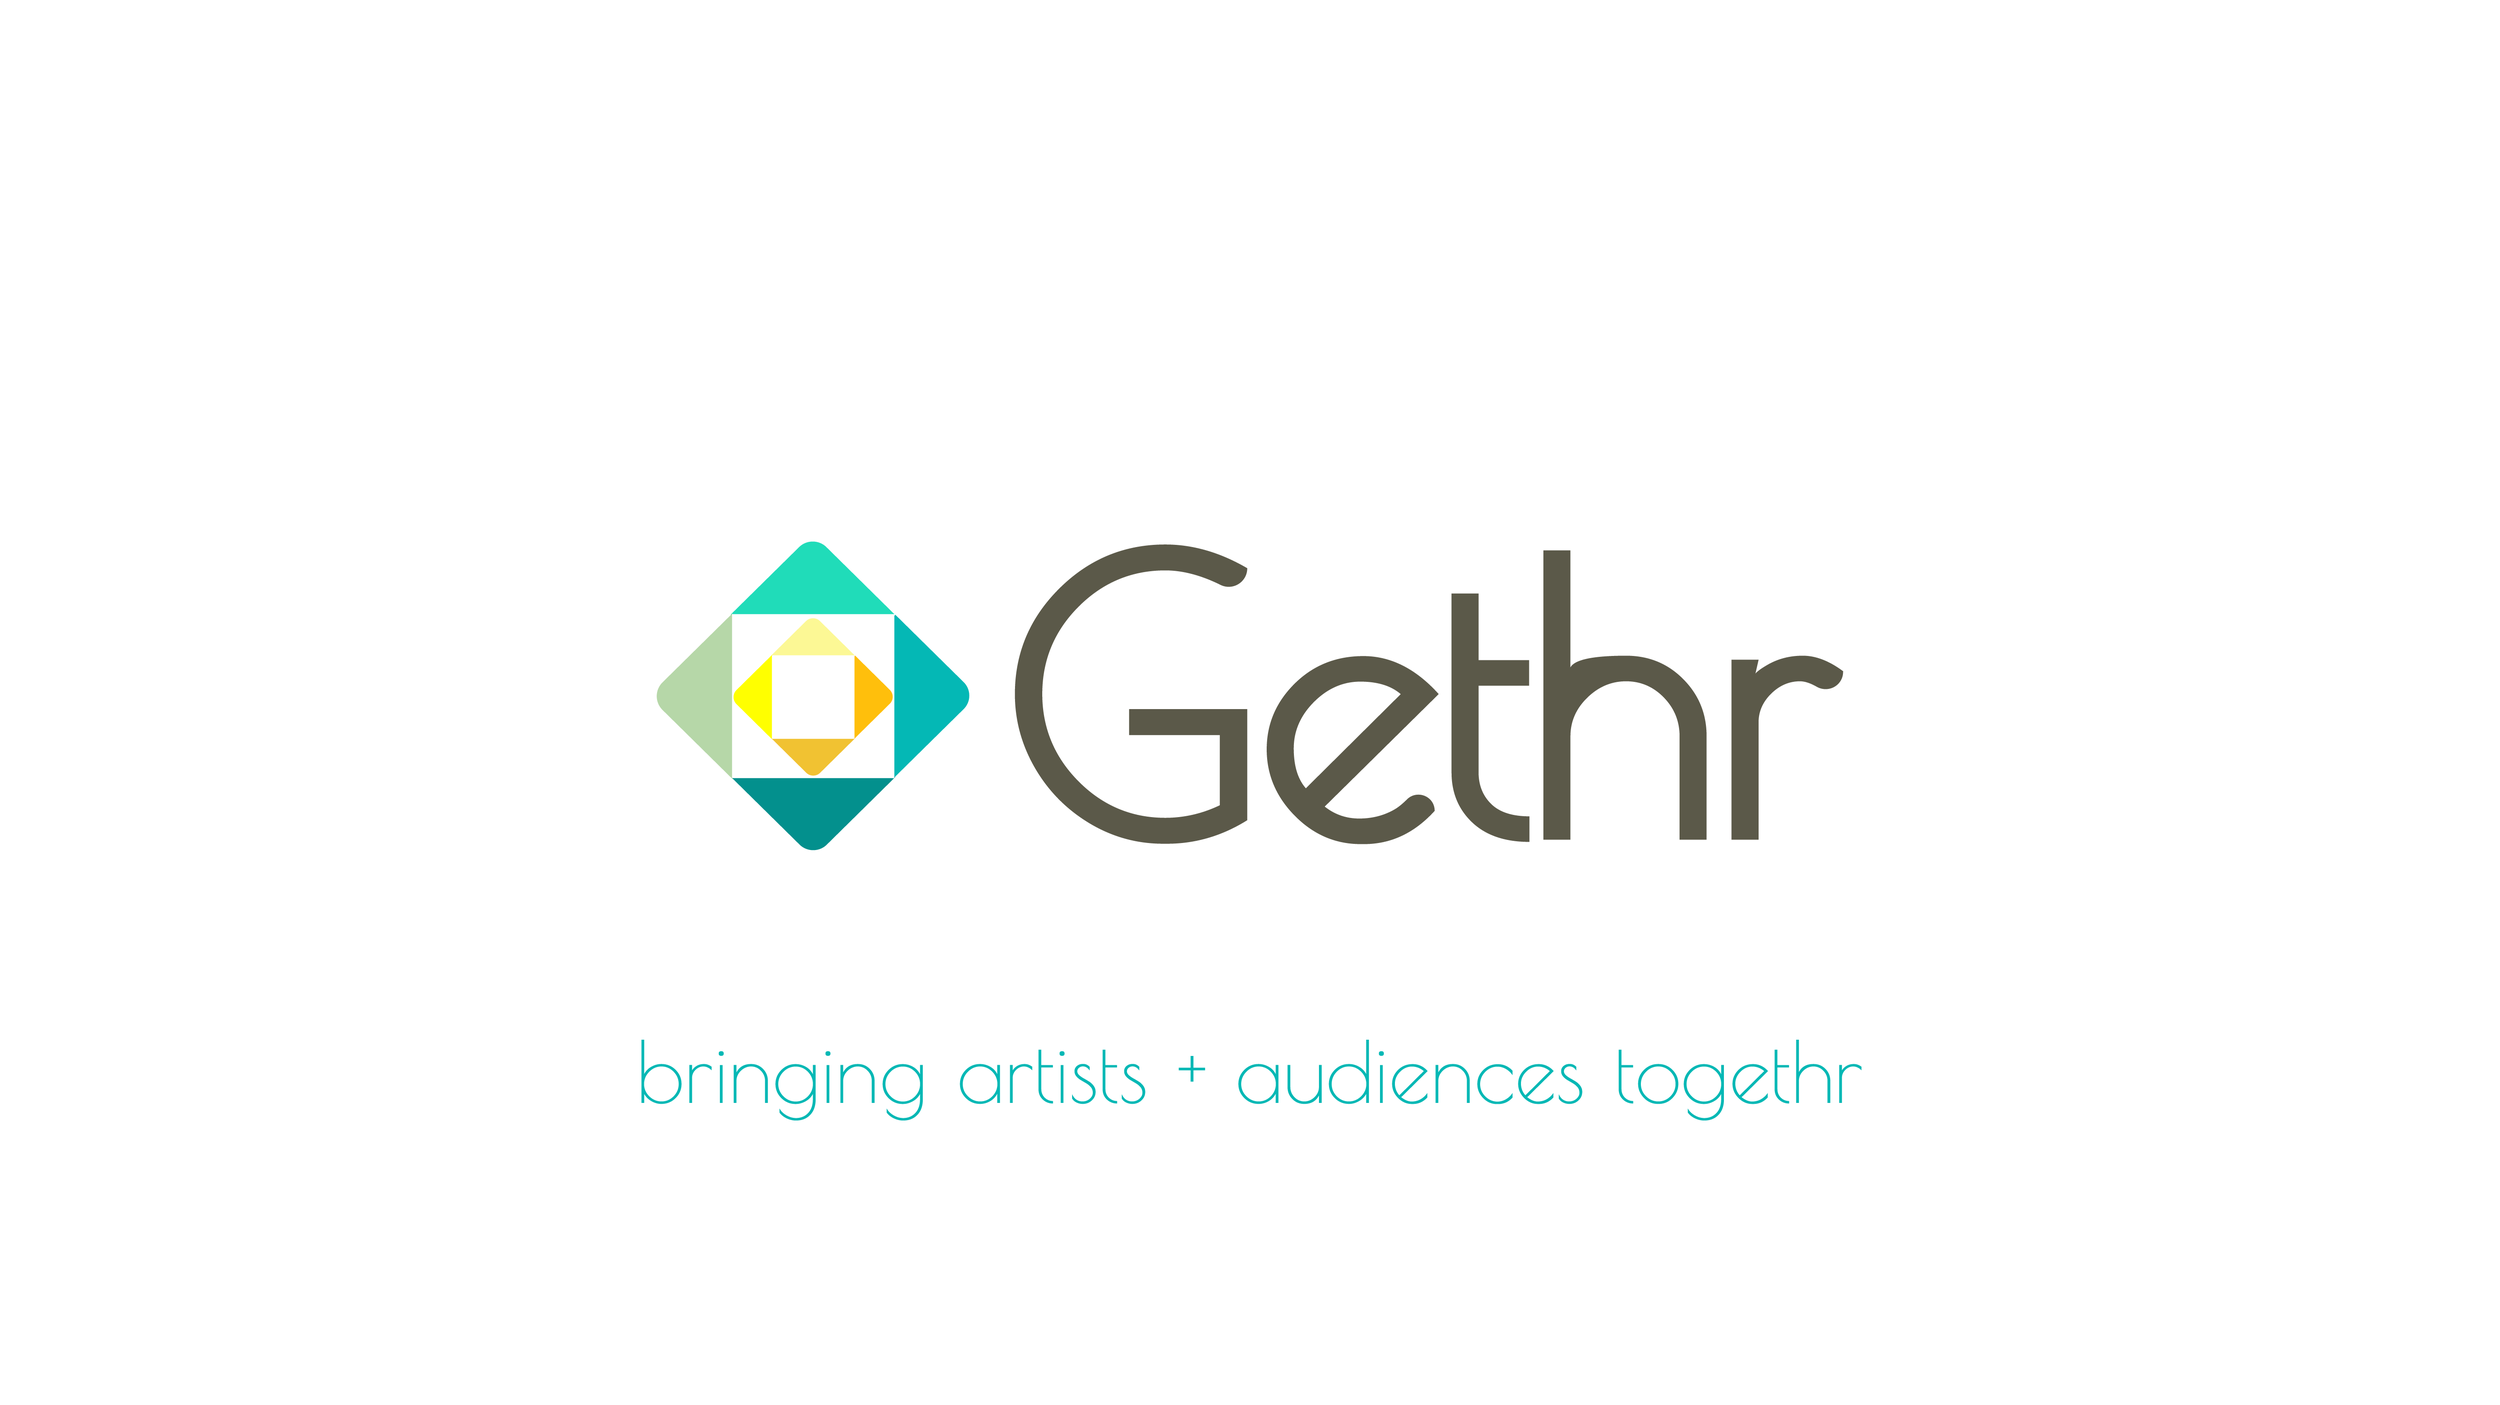 Gethr-1-01.png